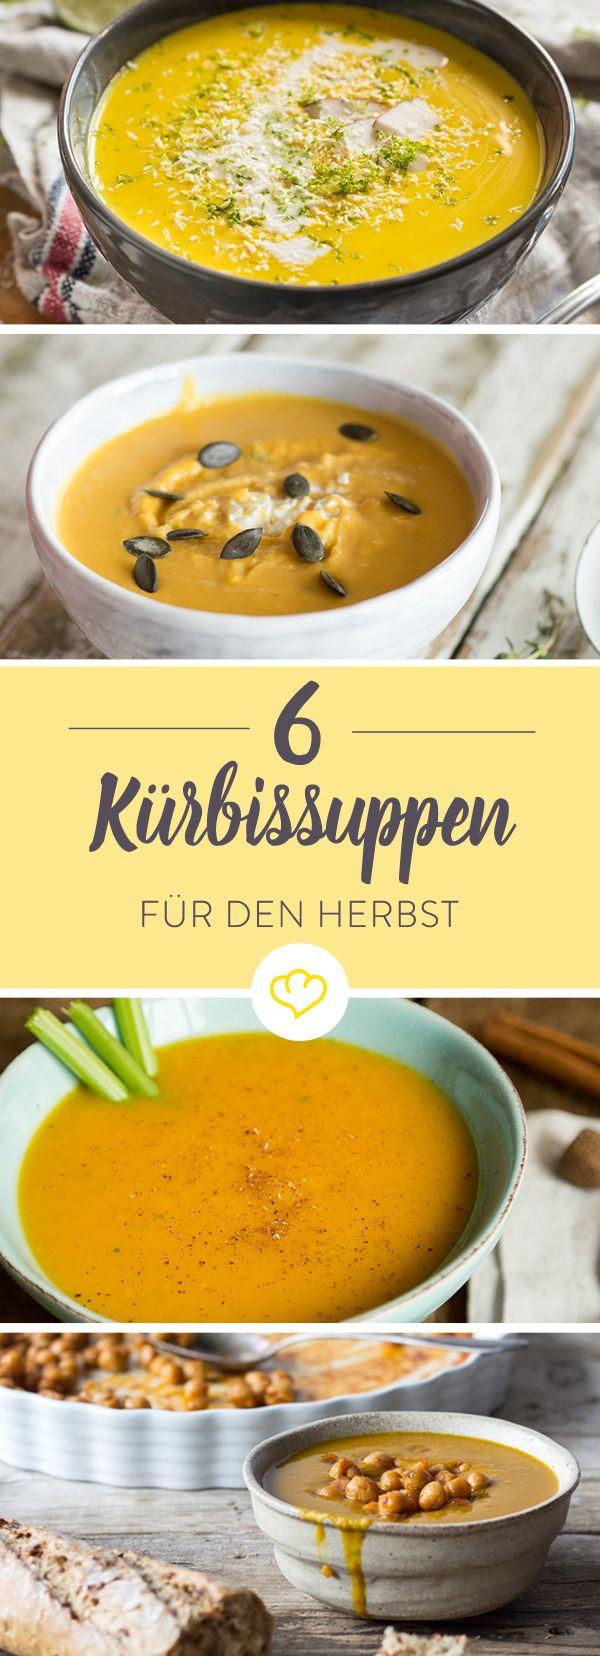 Wenn Kürbis Saison hat, heißt es: An die Suppenschüssel, fertig, löffeln! Mit diesen 6 Rezepten sorgst du für genügend Abwechslung im Suppentopf.